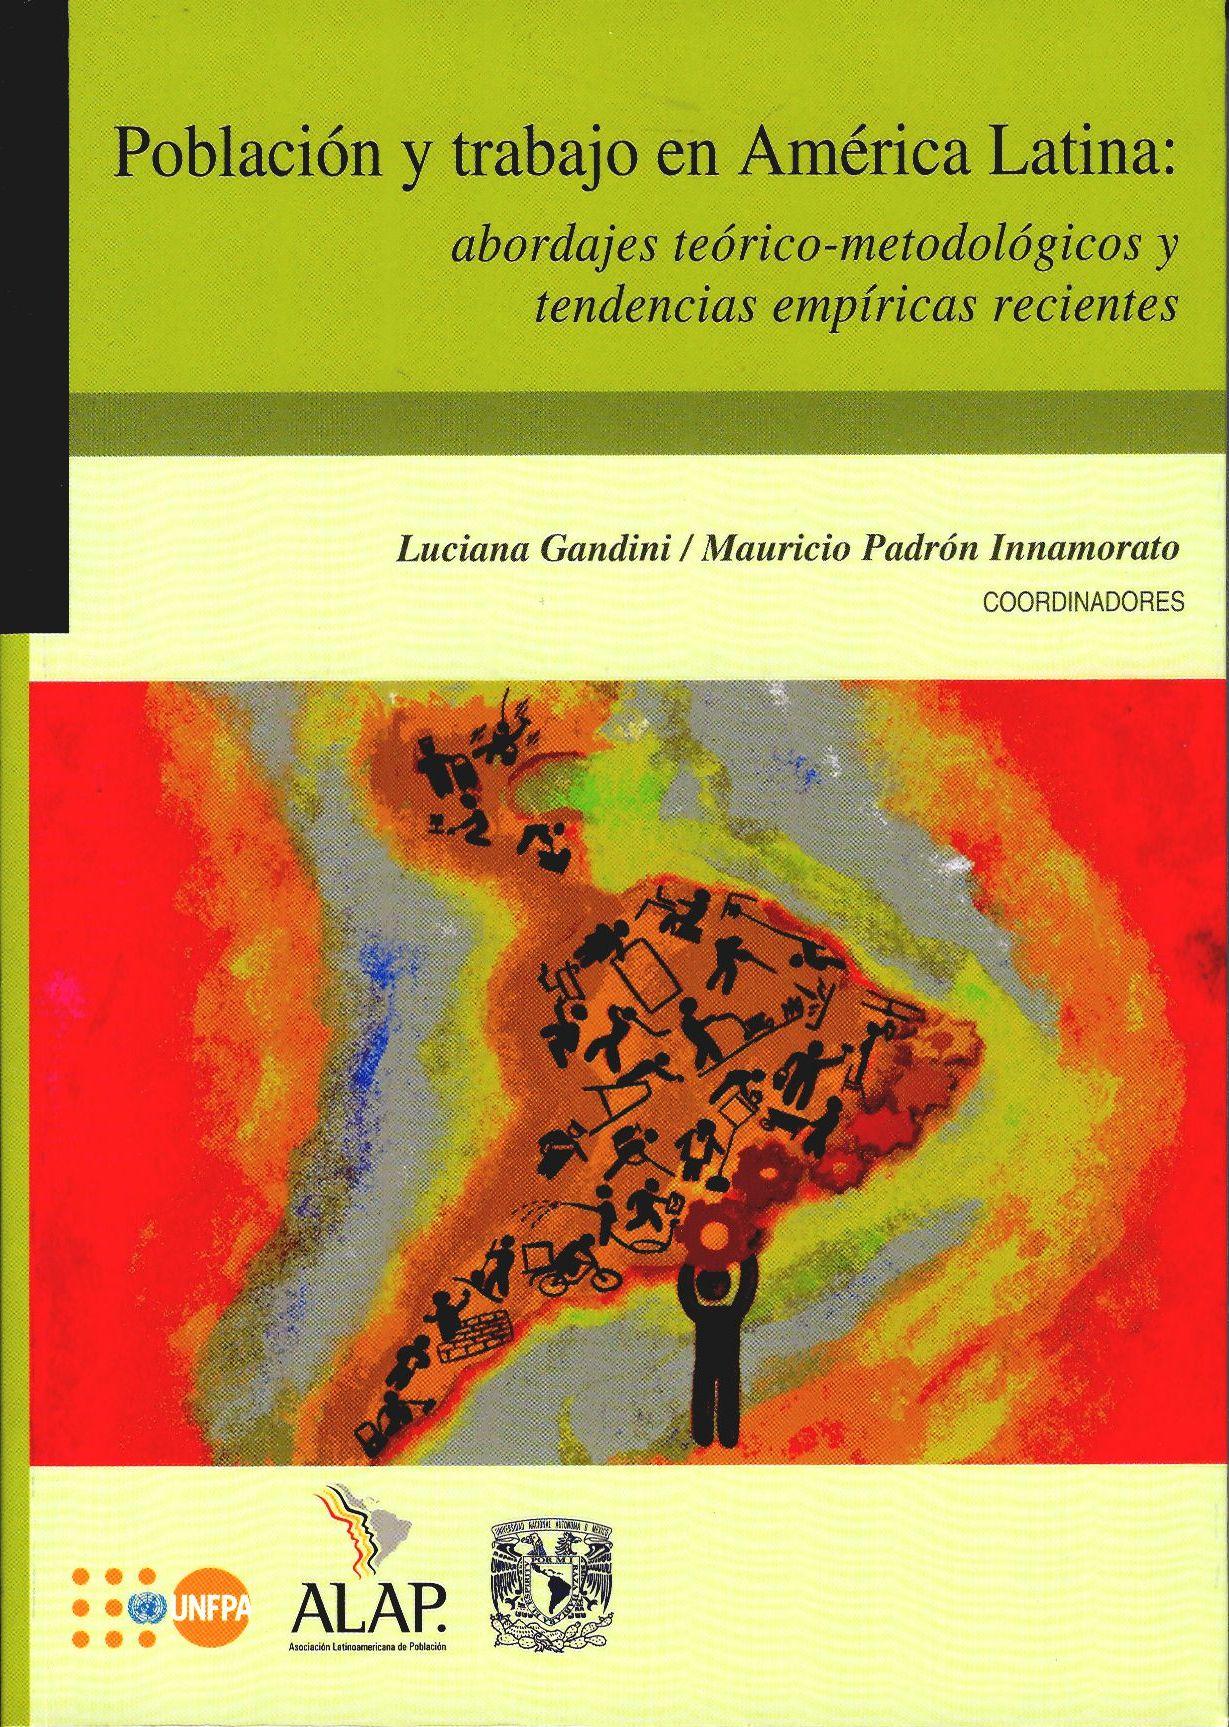 Población y trabajo en América Latina: abordajes teórico-metodológicos y tendencias empíricas recientes